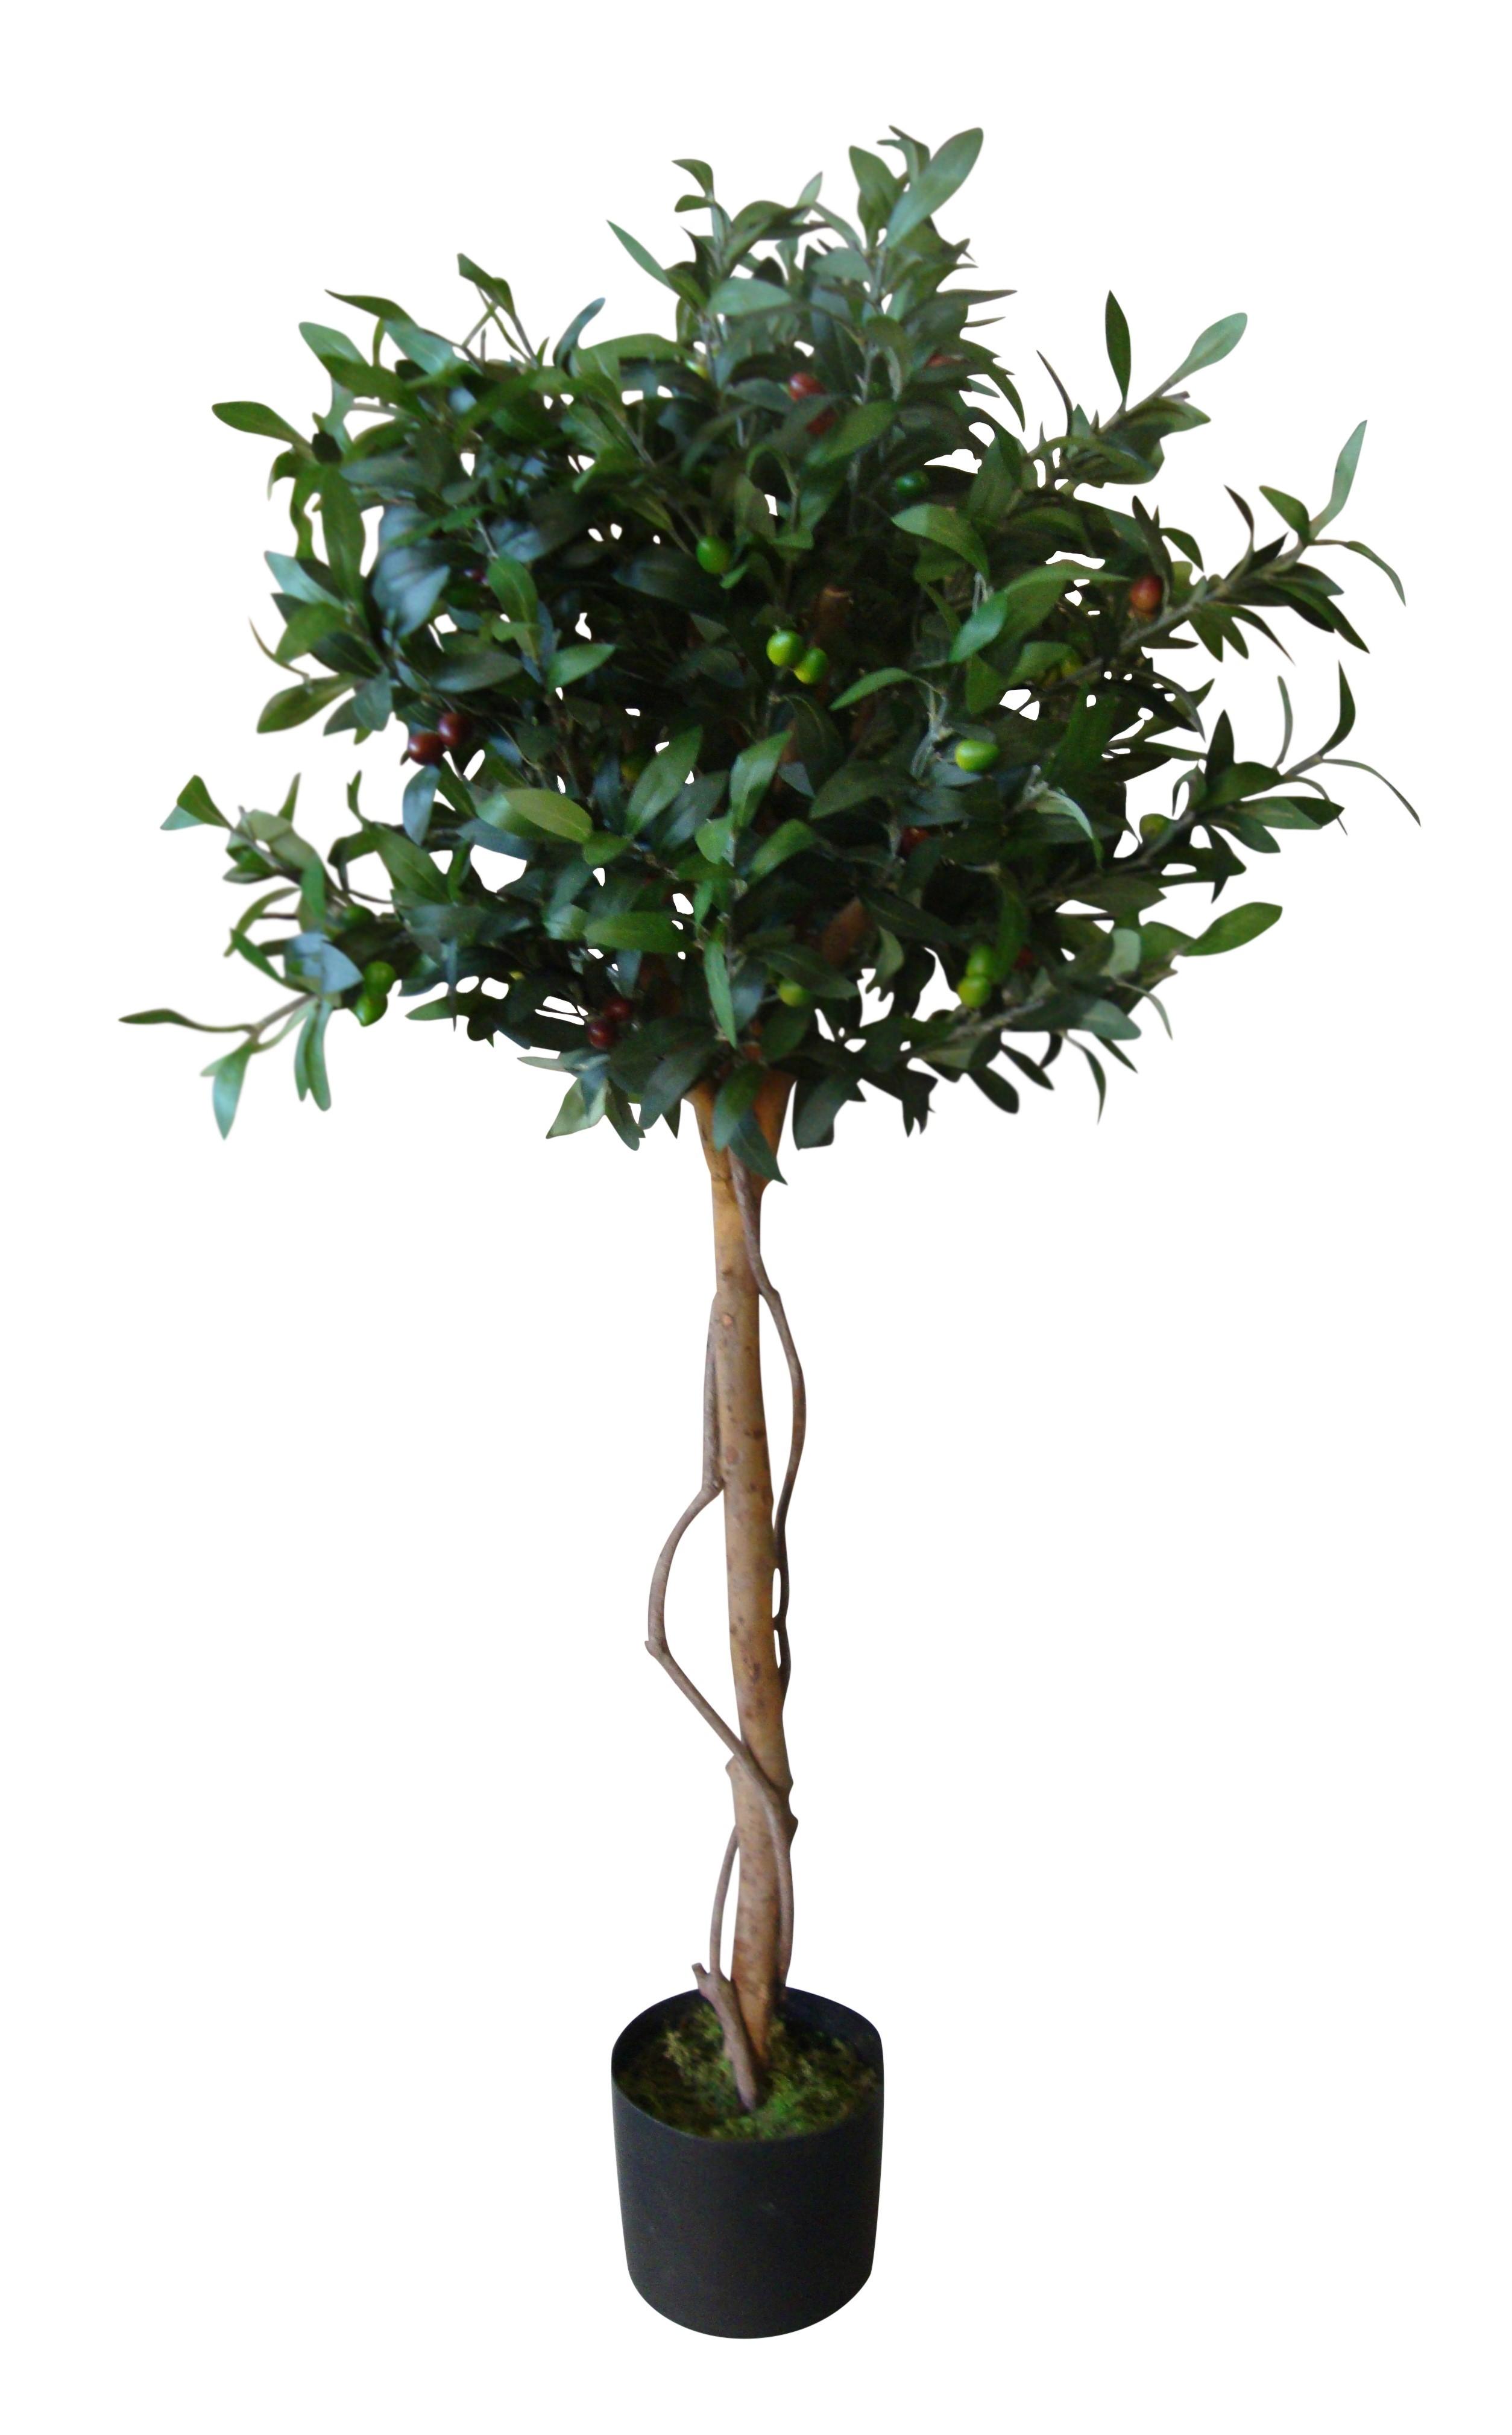 kunstolijfboompje-125cm